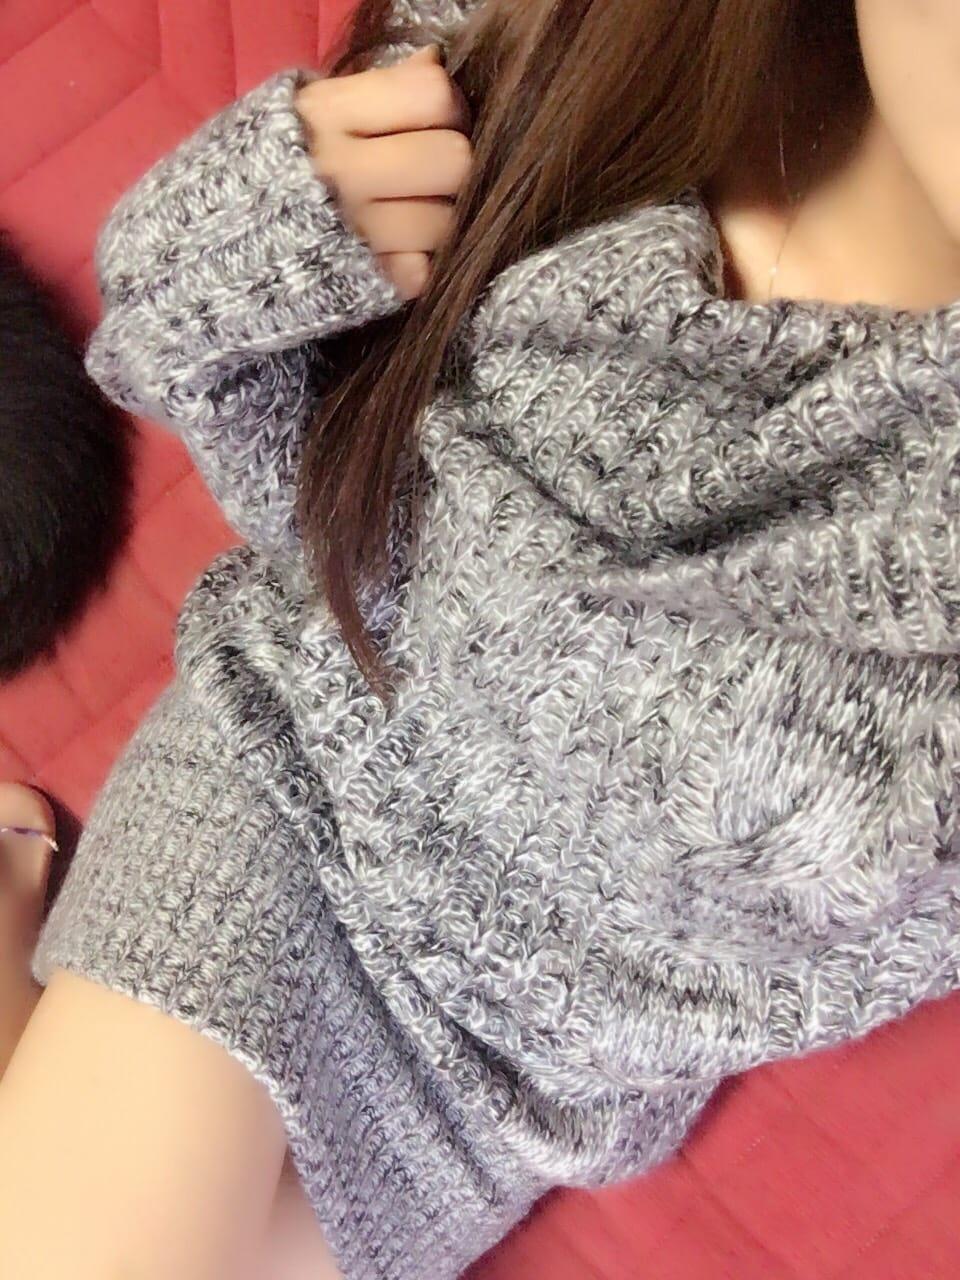 凛花(りんか)「ありがとうございました☆」12/11(月) 21:07 | 凛花(りんか)の写メ・風俗動画